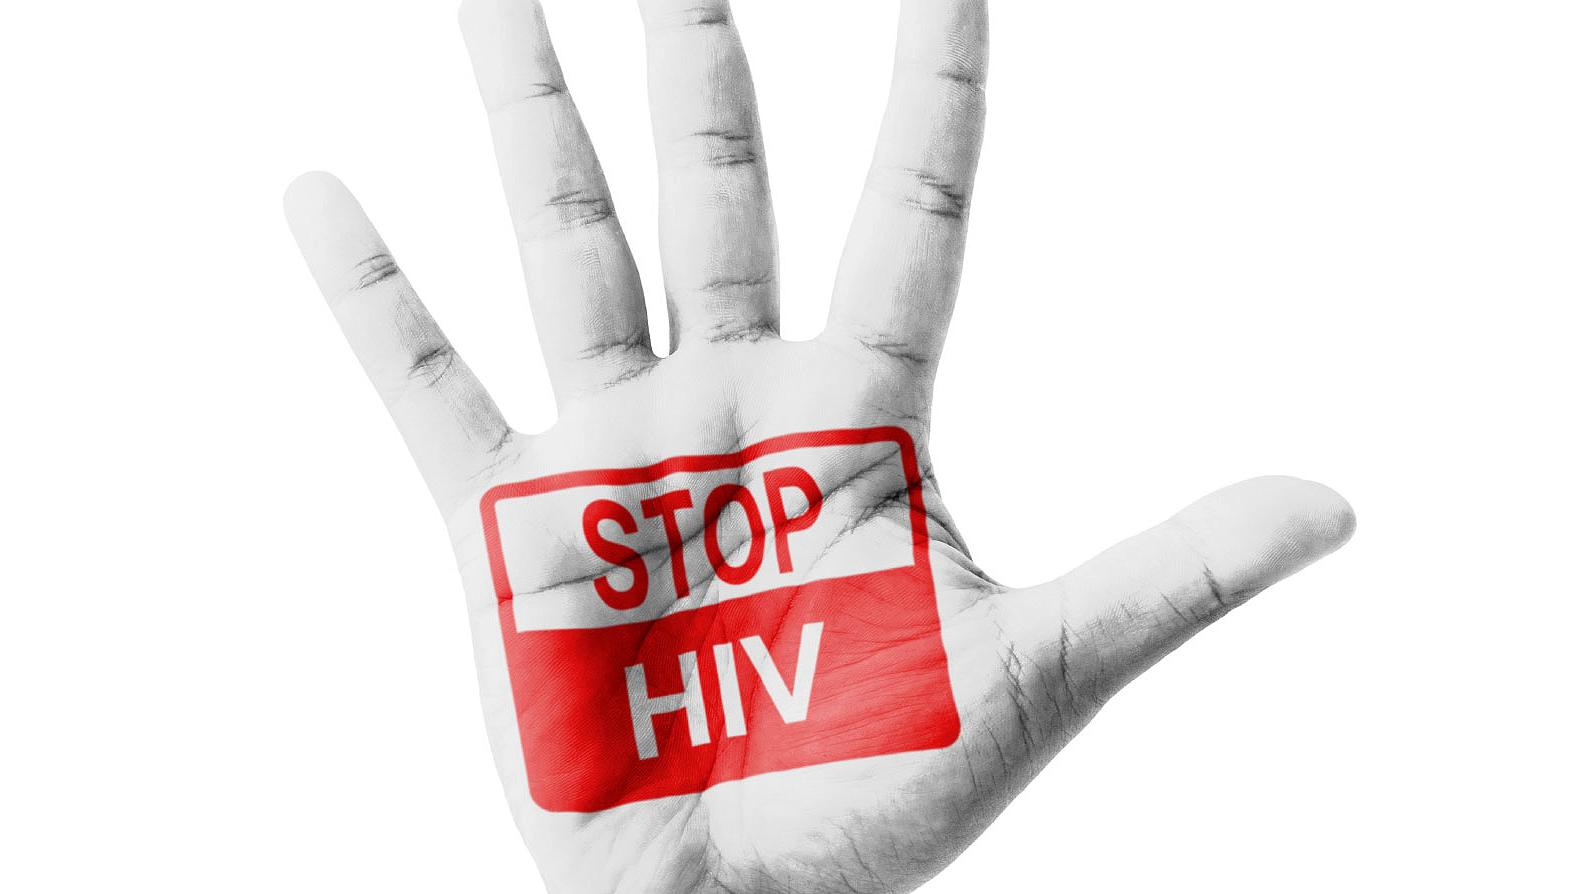 ตรวจเลือด,ติดเชื้อ,ความรู้ทั่วไปเกี่ยวกับการตรวจเอดส์,ข้อควรรู้ ก่อน การตรวจเอดส์